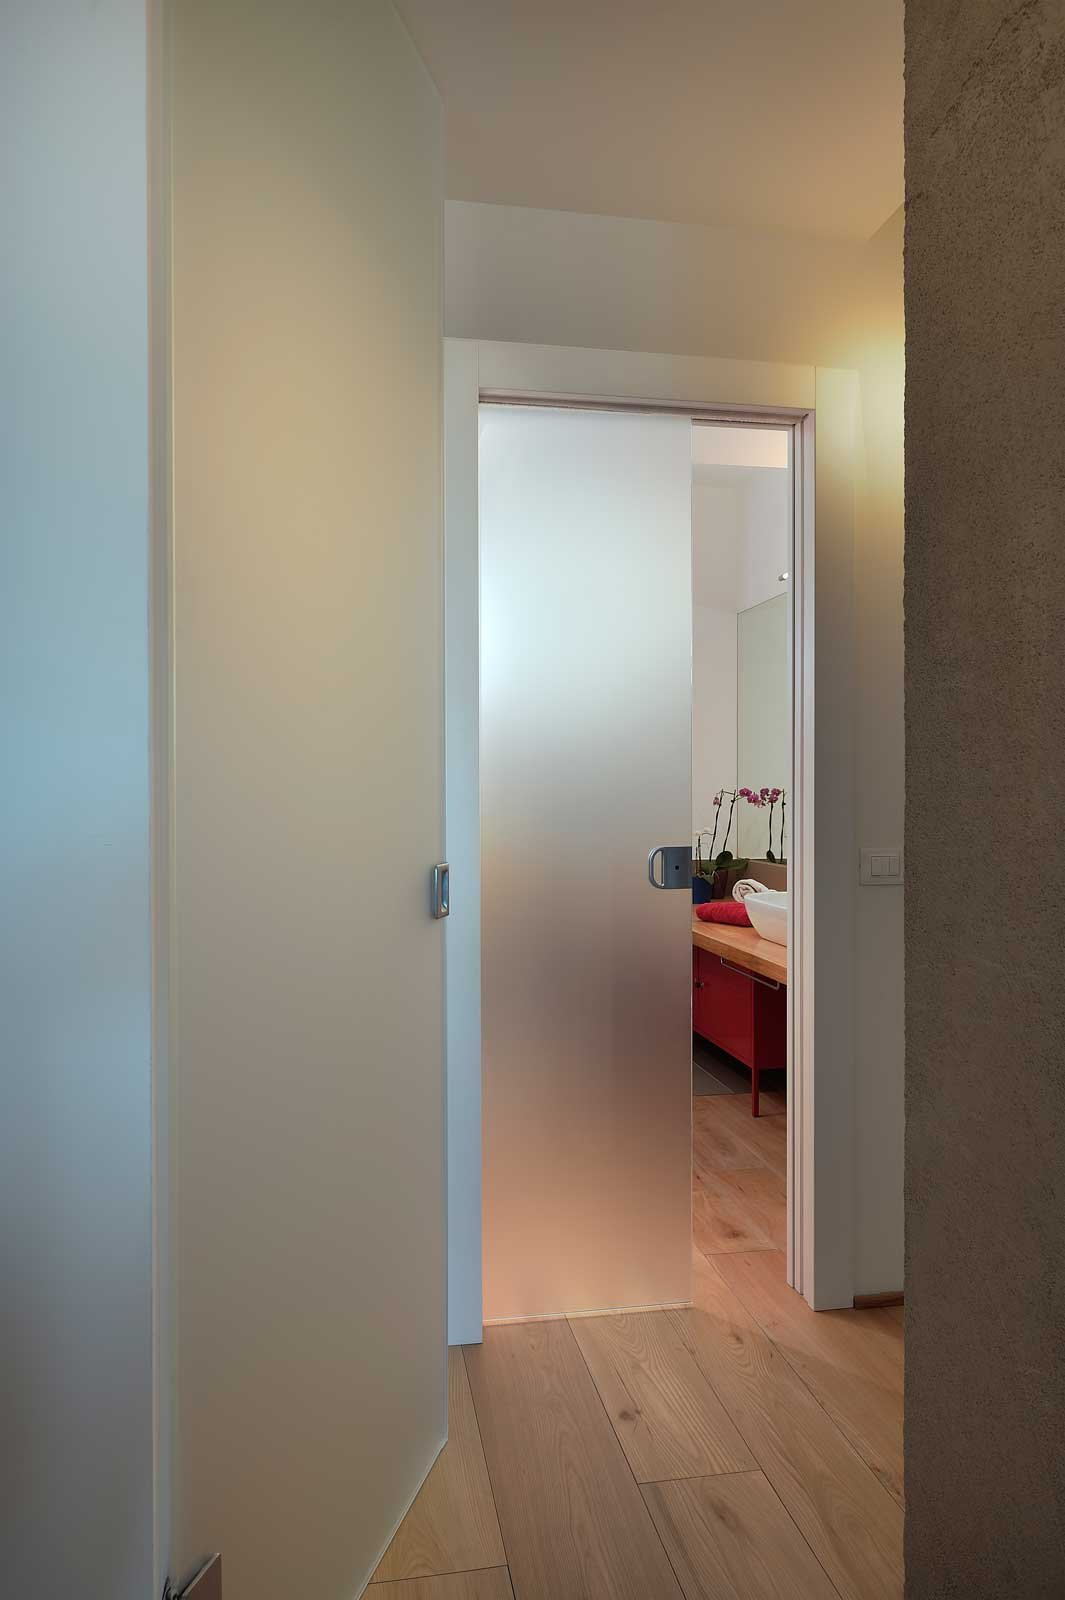 Molto Come scegliere la porta scorrevole per il bagno - Cose di Casa TL53